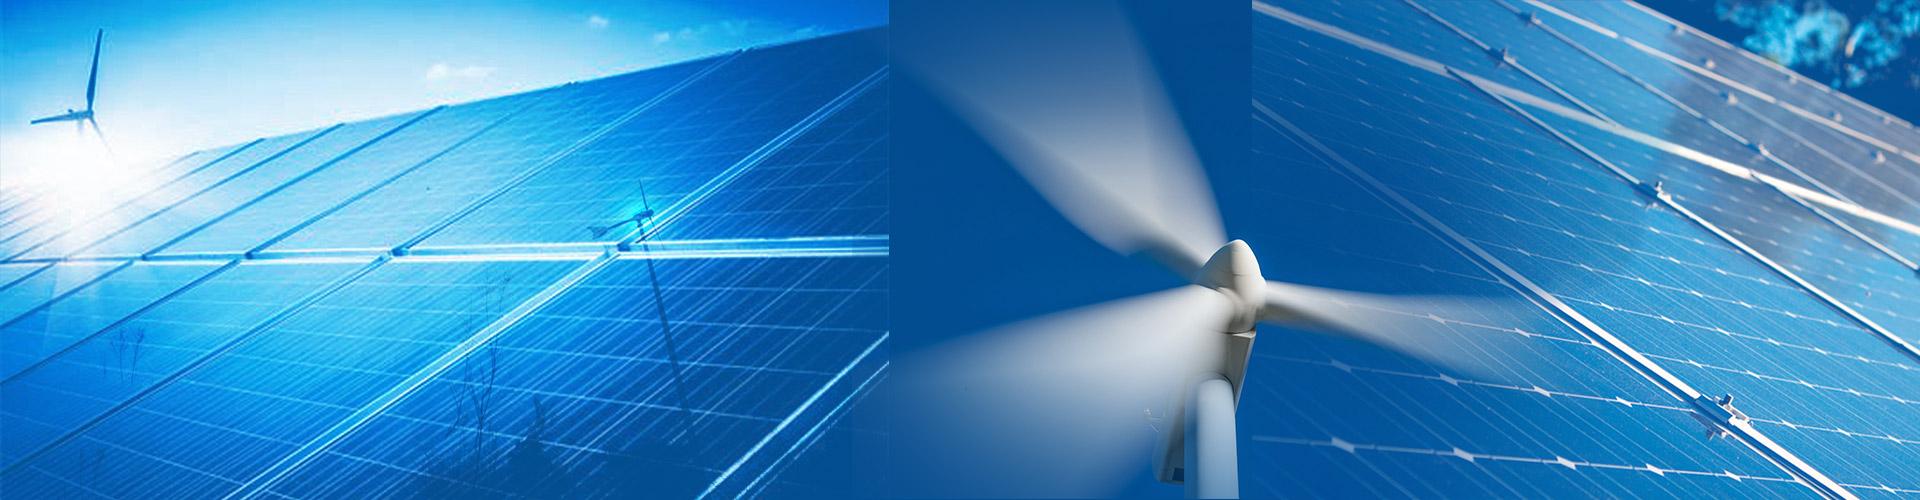 home energie renouvelable - Turbines éoliennes E70 PRO - Turbines éoliennes E70 PRO